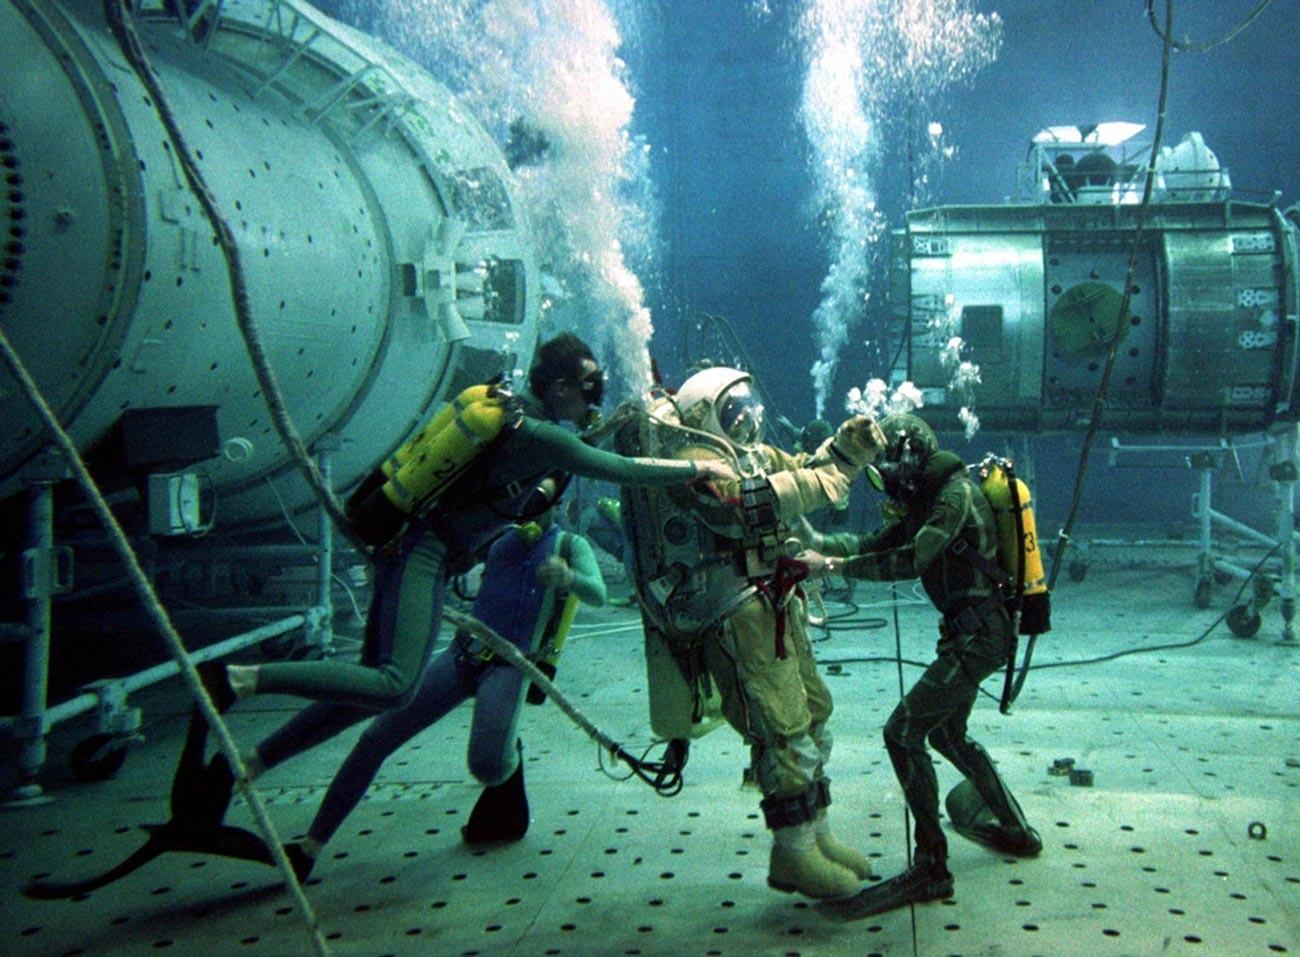 Instrutor de teste russo Oleg Puchkar é auxiliado por mergulhadores durante testes subaquáticos em uma réplica da estação espacial Mir danificada, em 4 de julho de 1997